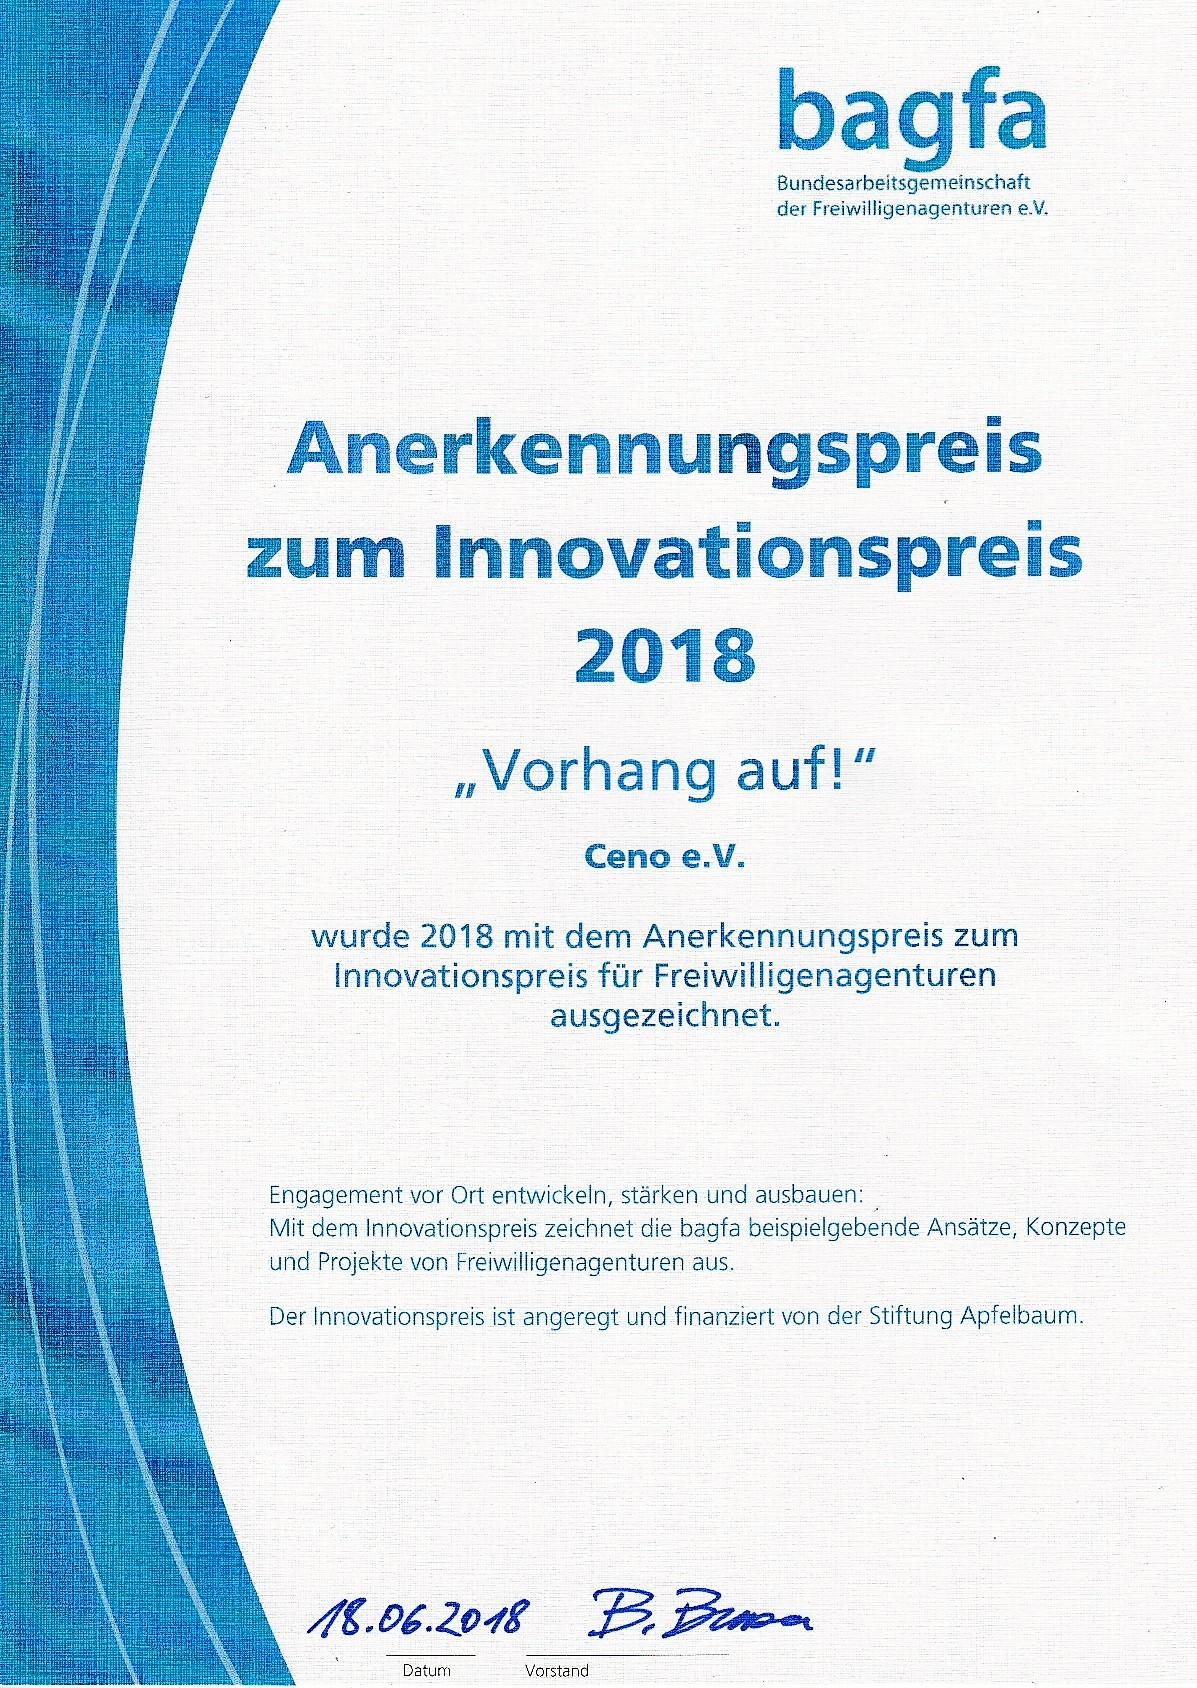 Urkunde Annerkennungspreis zum Innovationspreis 2018